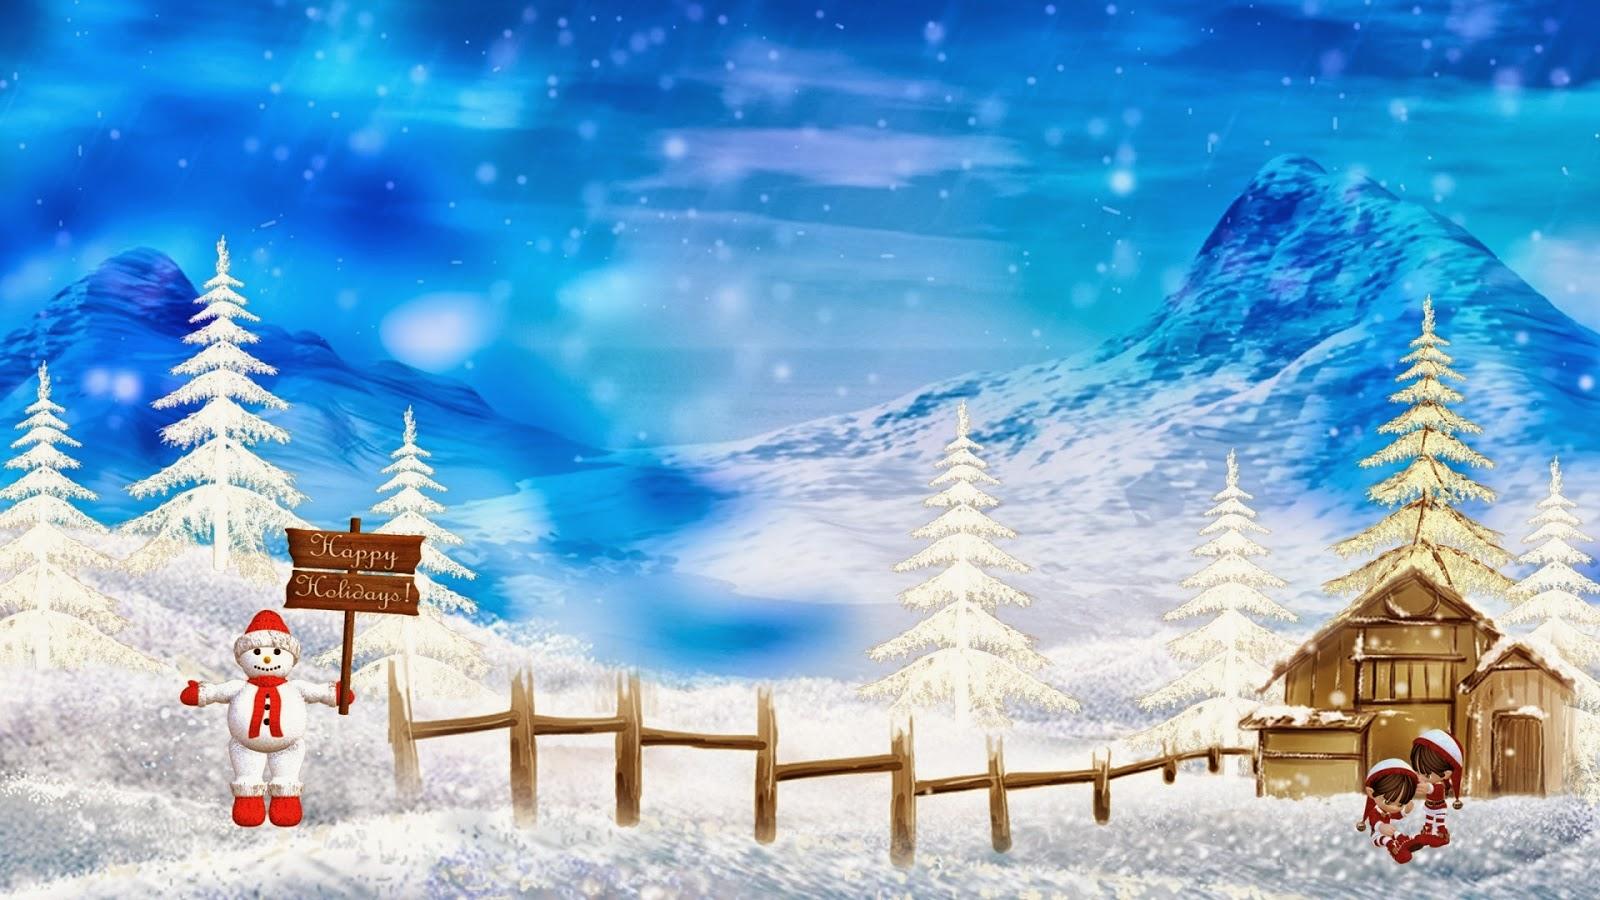 Fondos Verdes De Navidad Para Pantalla Hd 2 Hd Wallpapers: Imagenes Y Wallpapers: Fondo De Pantalla Navidad Muñeco